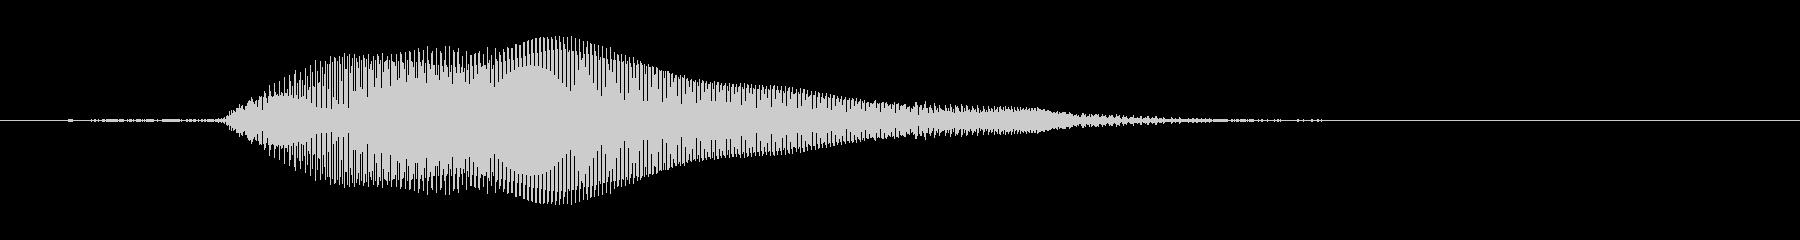 きゃ!(Type-A)の未再生の波形